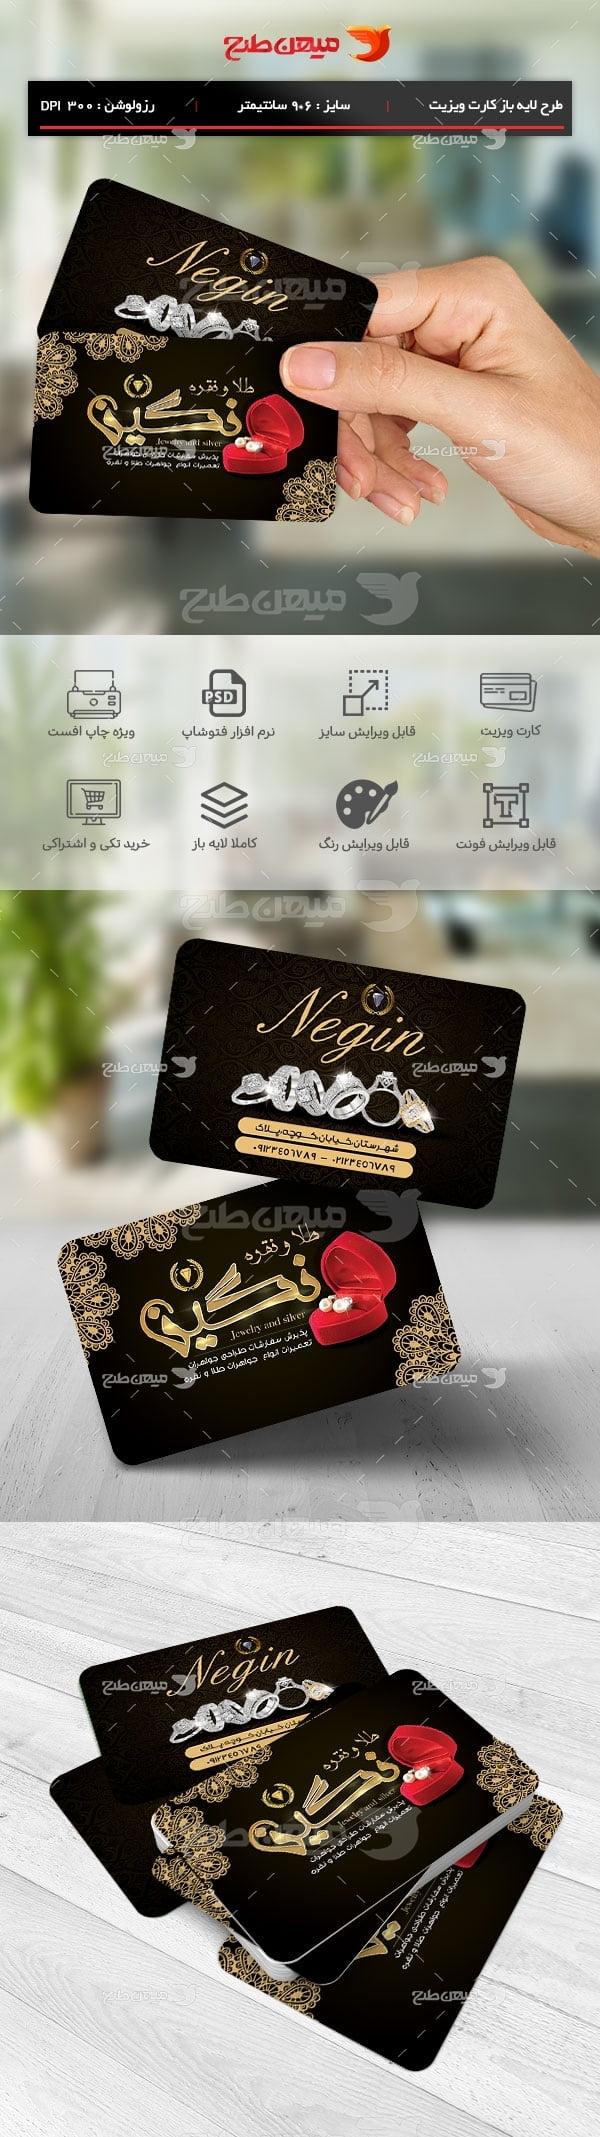 طرح لایه باز کارت ویزیت طلا جواهر فروشی